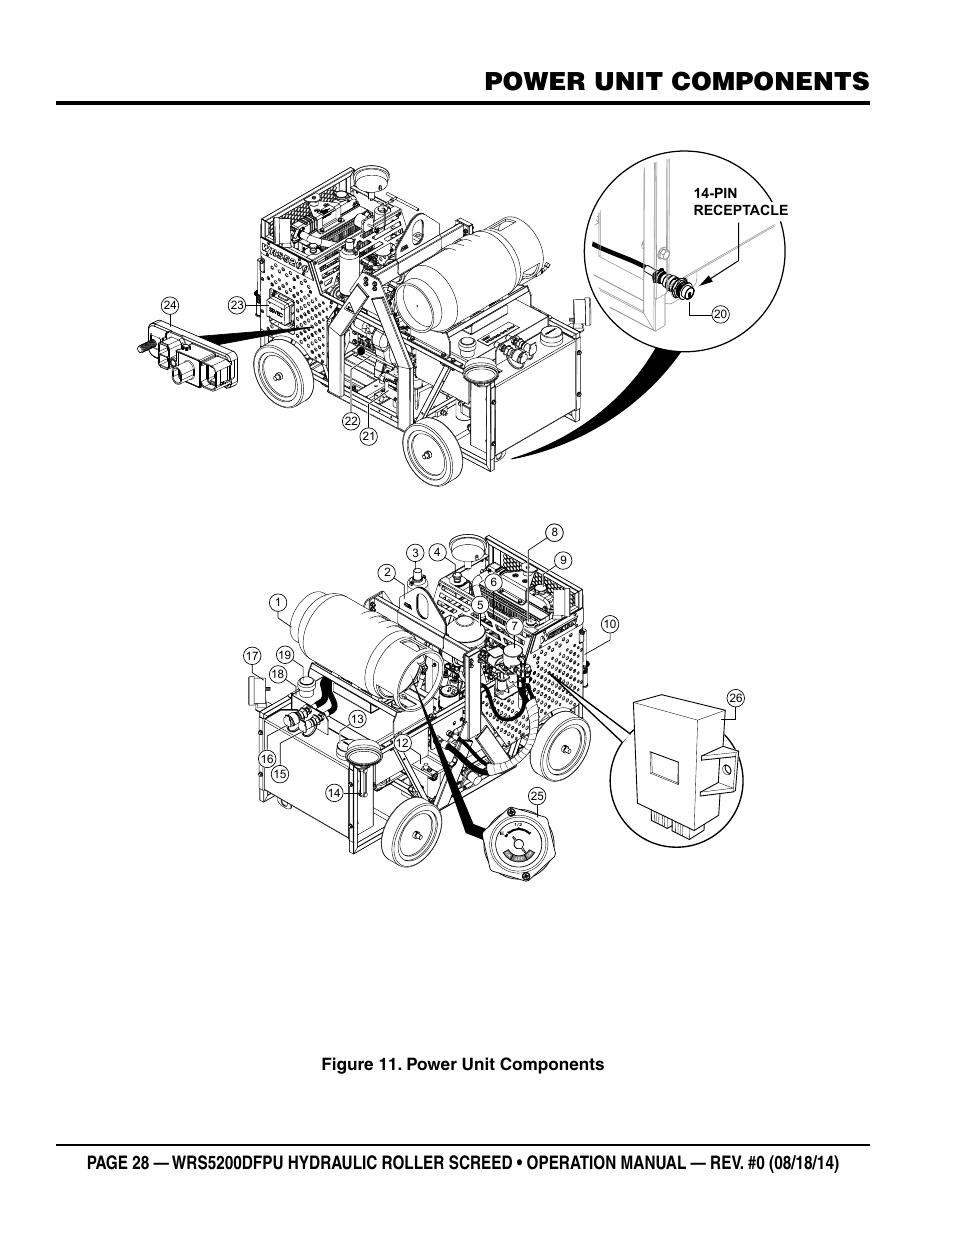 Power unit components, Figure 11. power unit components